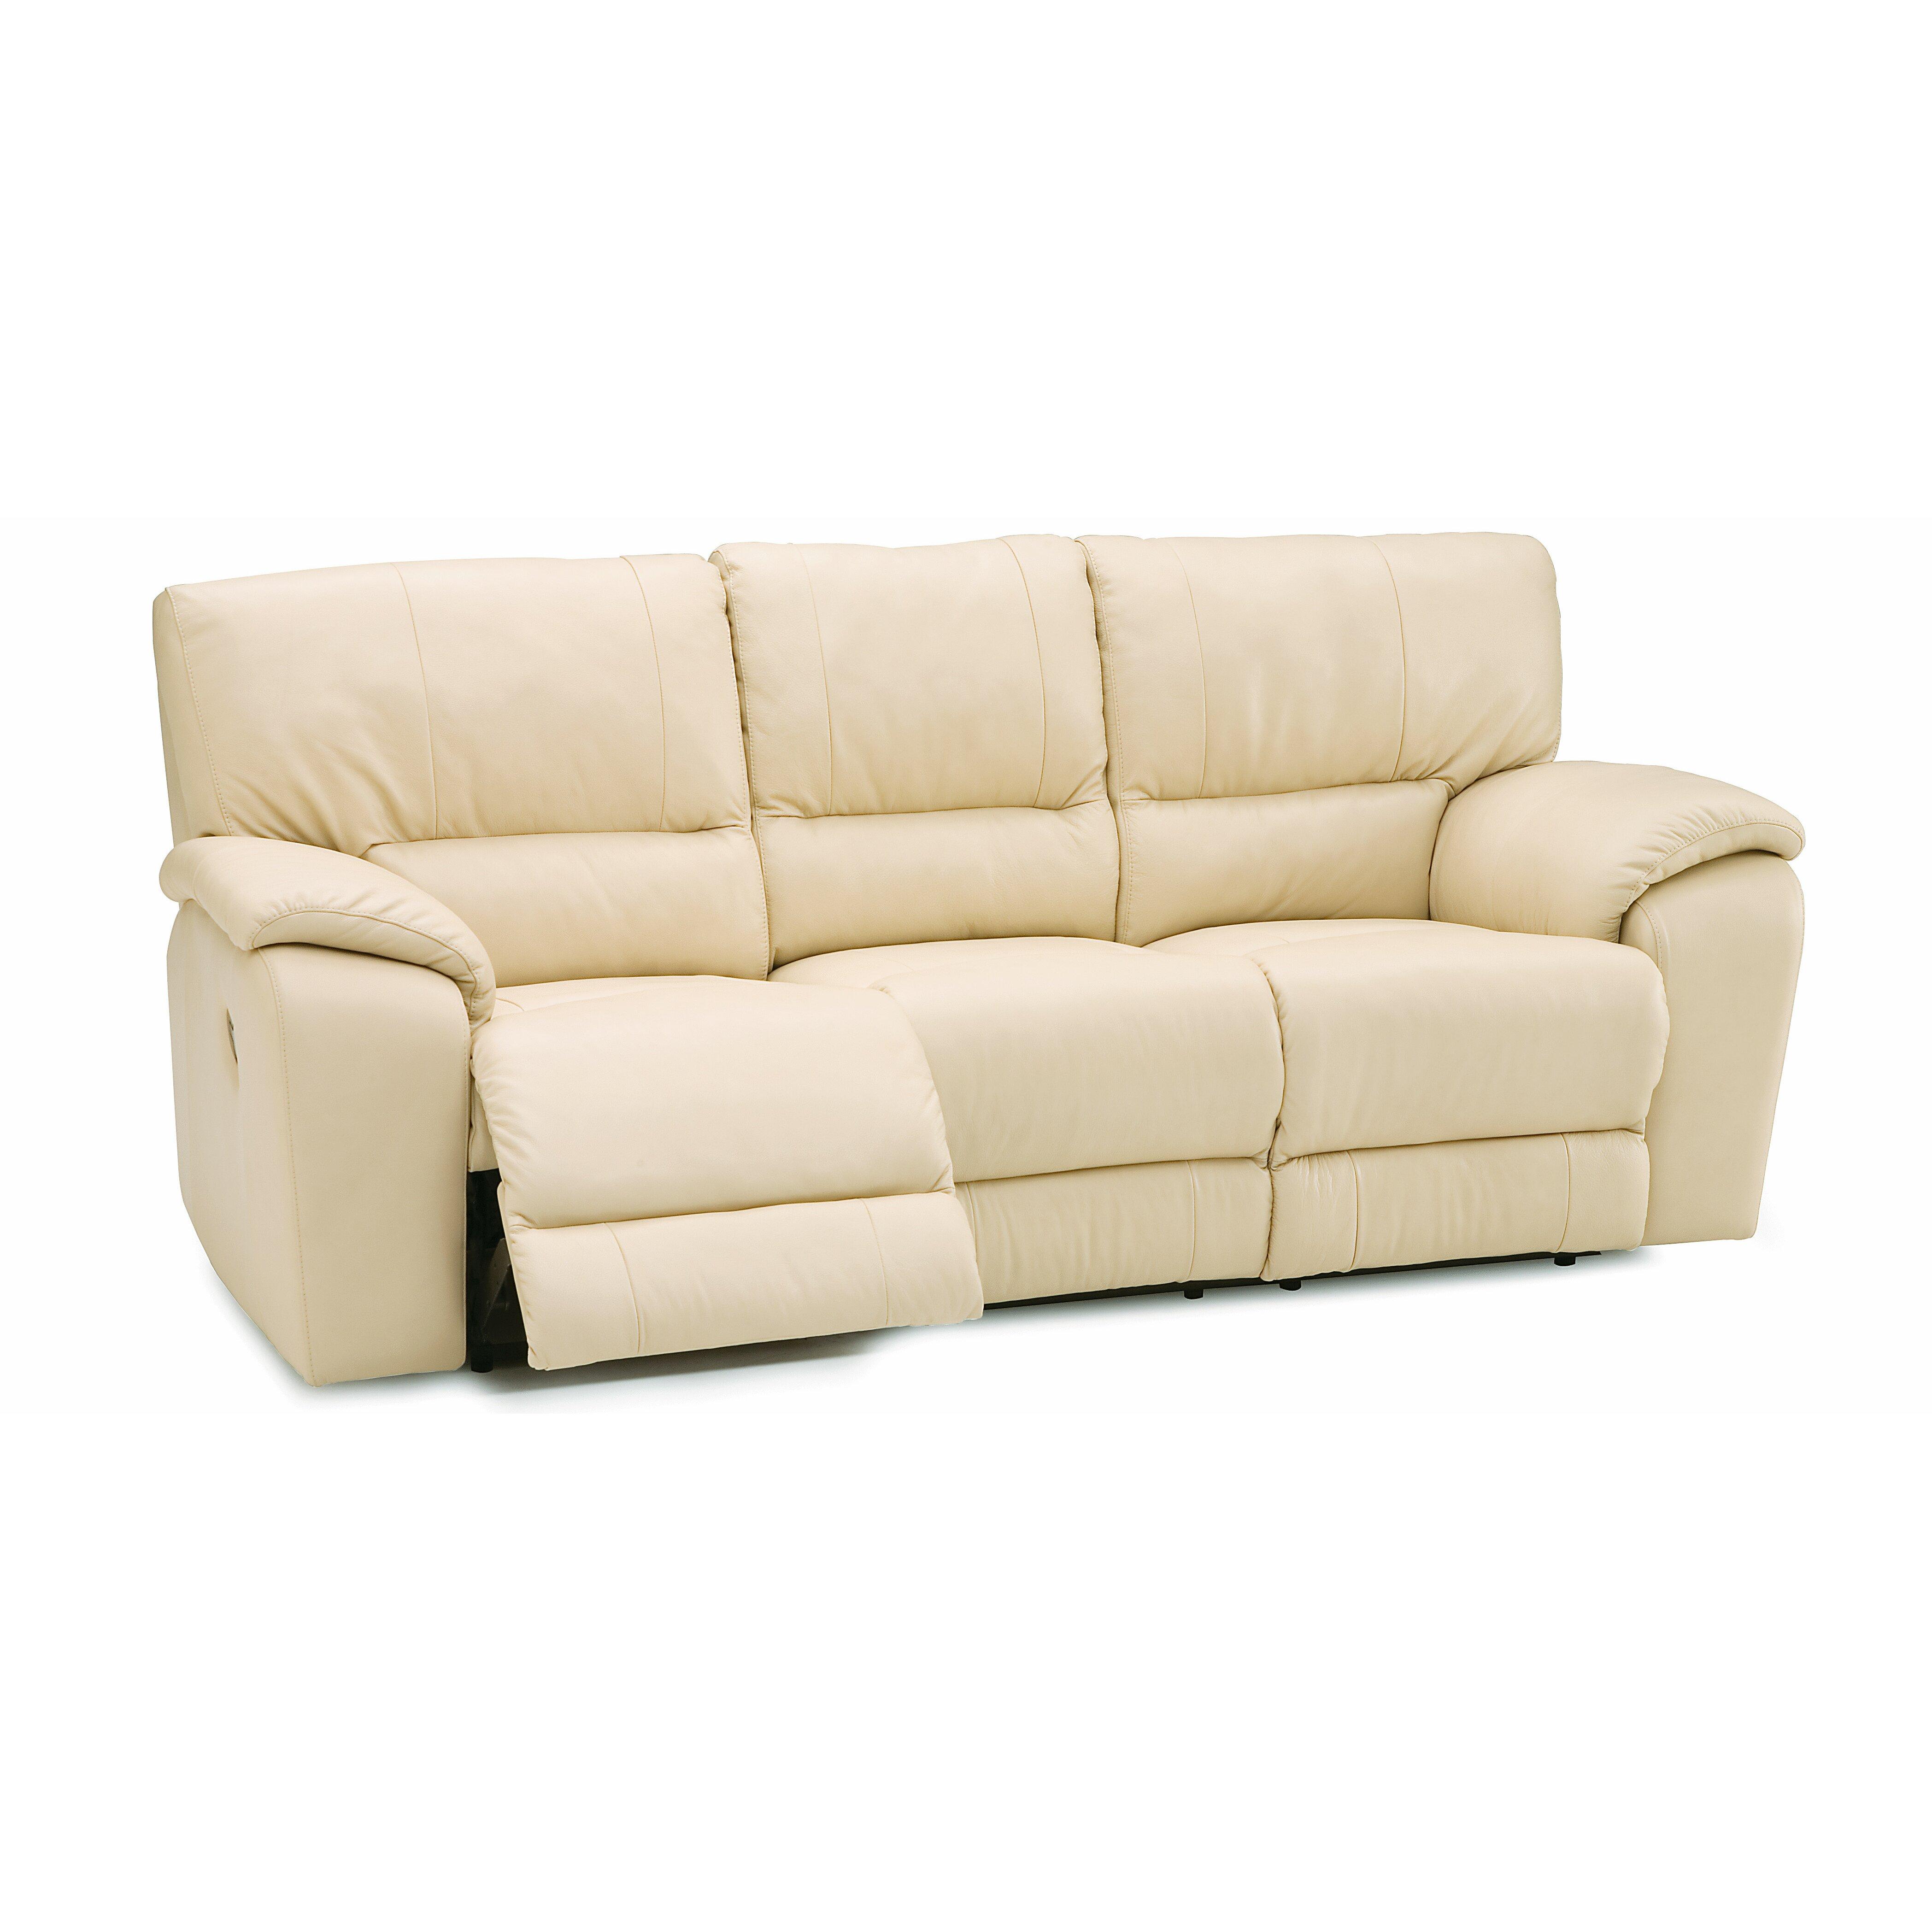 Double Swivel Recliner Sofa From Futura Le Vele Design In